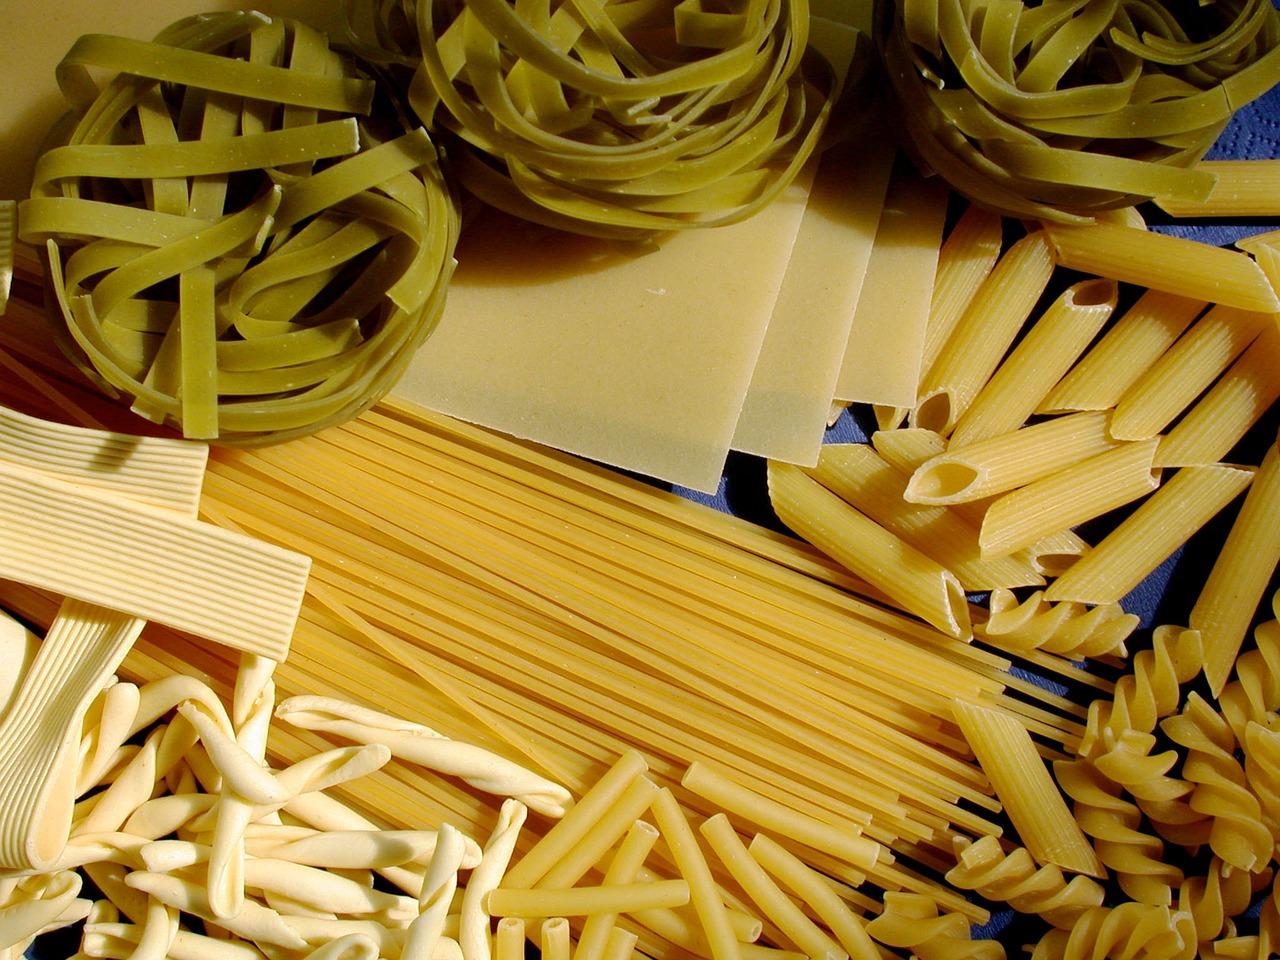 Noodles 2159543 1280